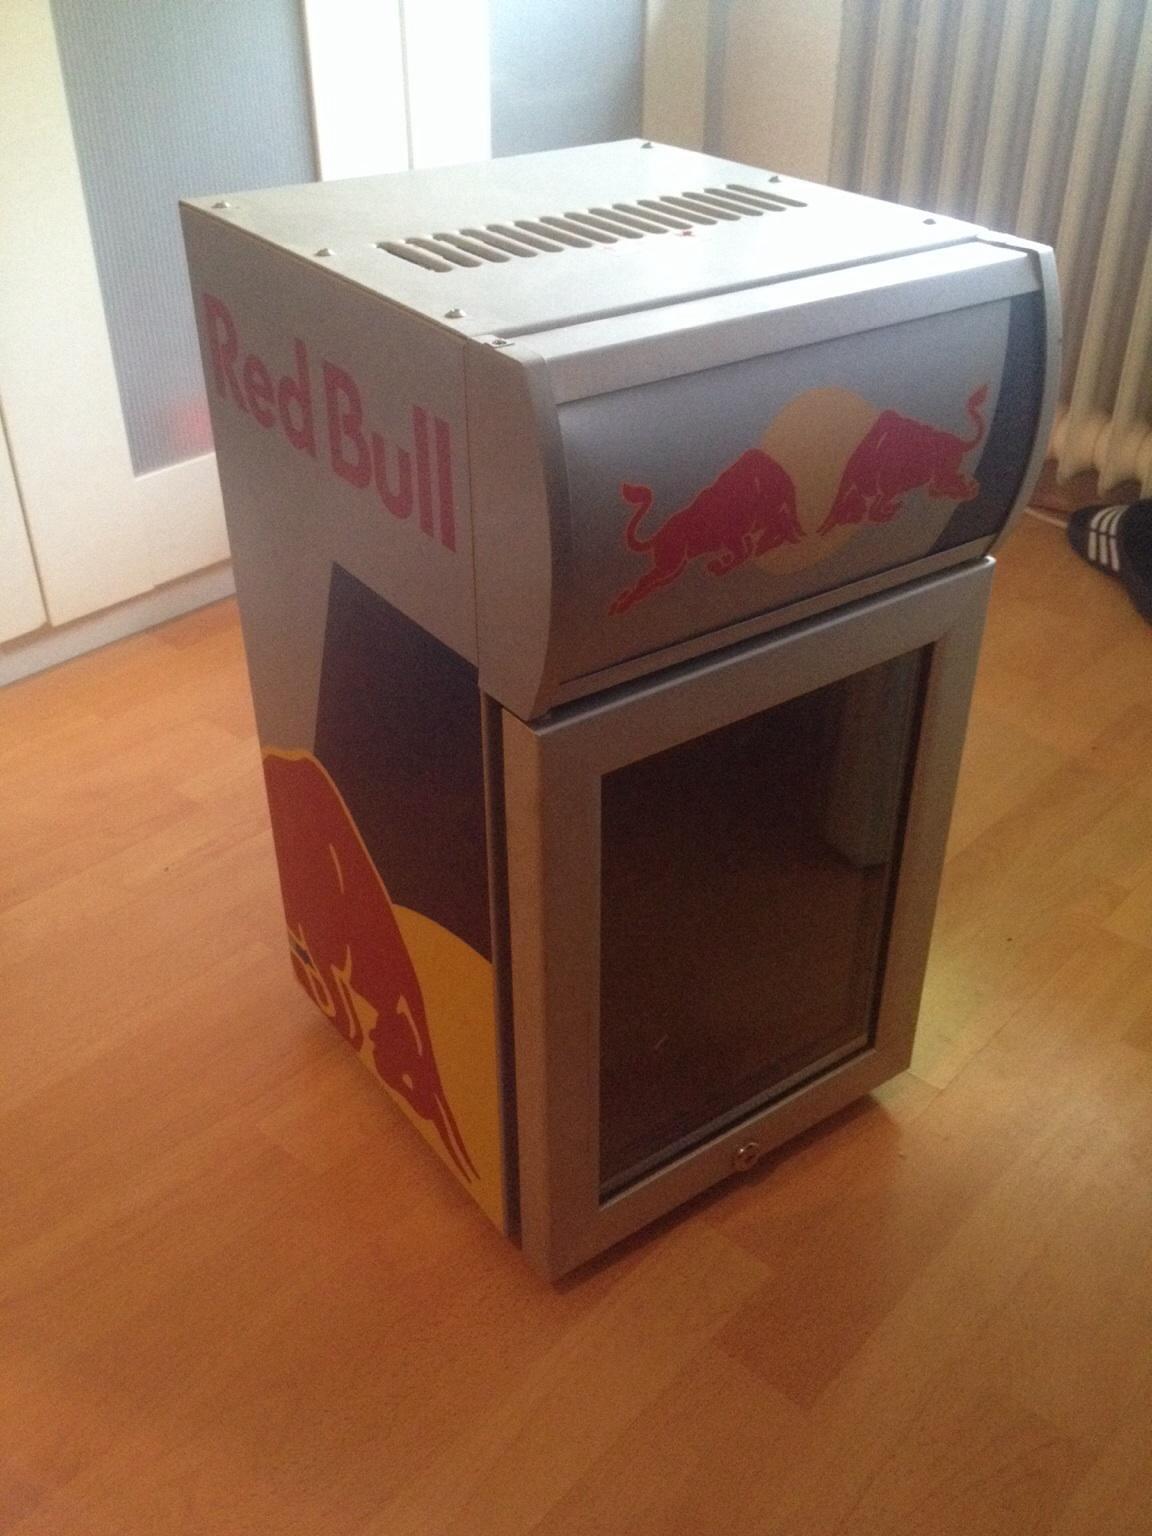 Red Bull Mini Kühlschrank Gebraucht : Mini kÜhlschrank gebraucht eur picclick de